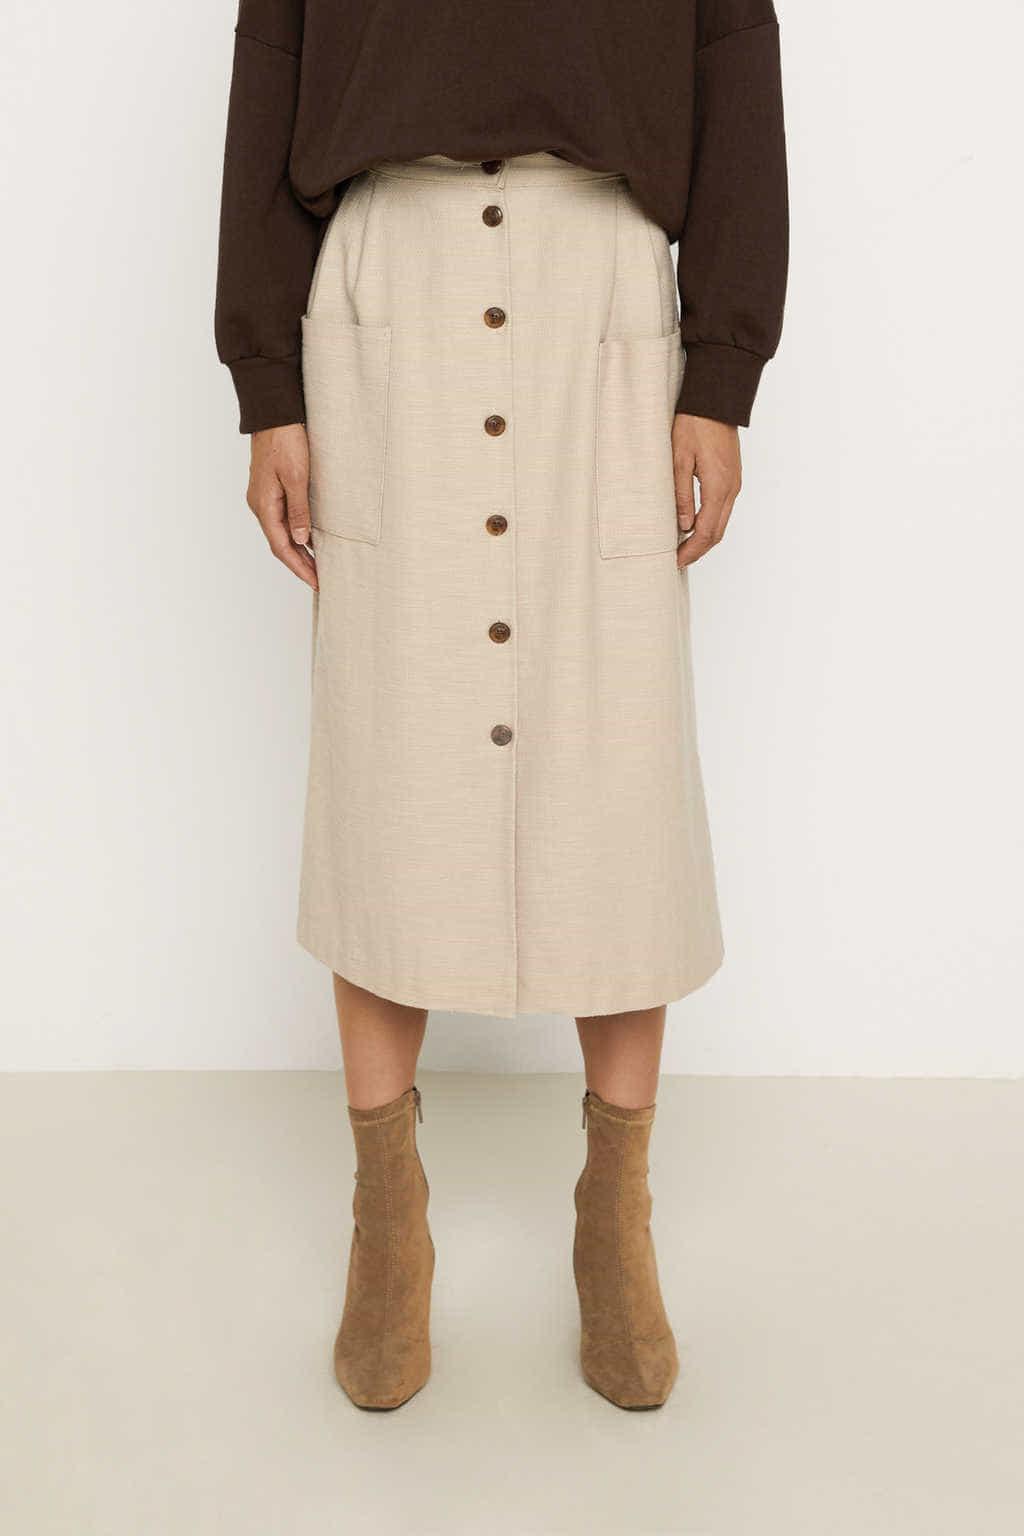 Skirt K003 Beige 3